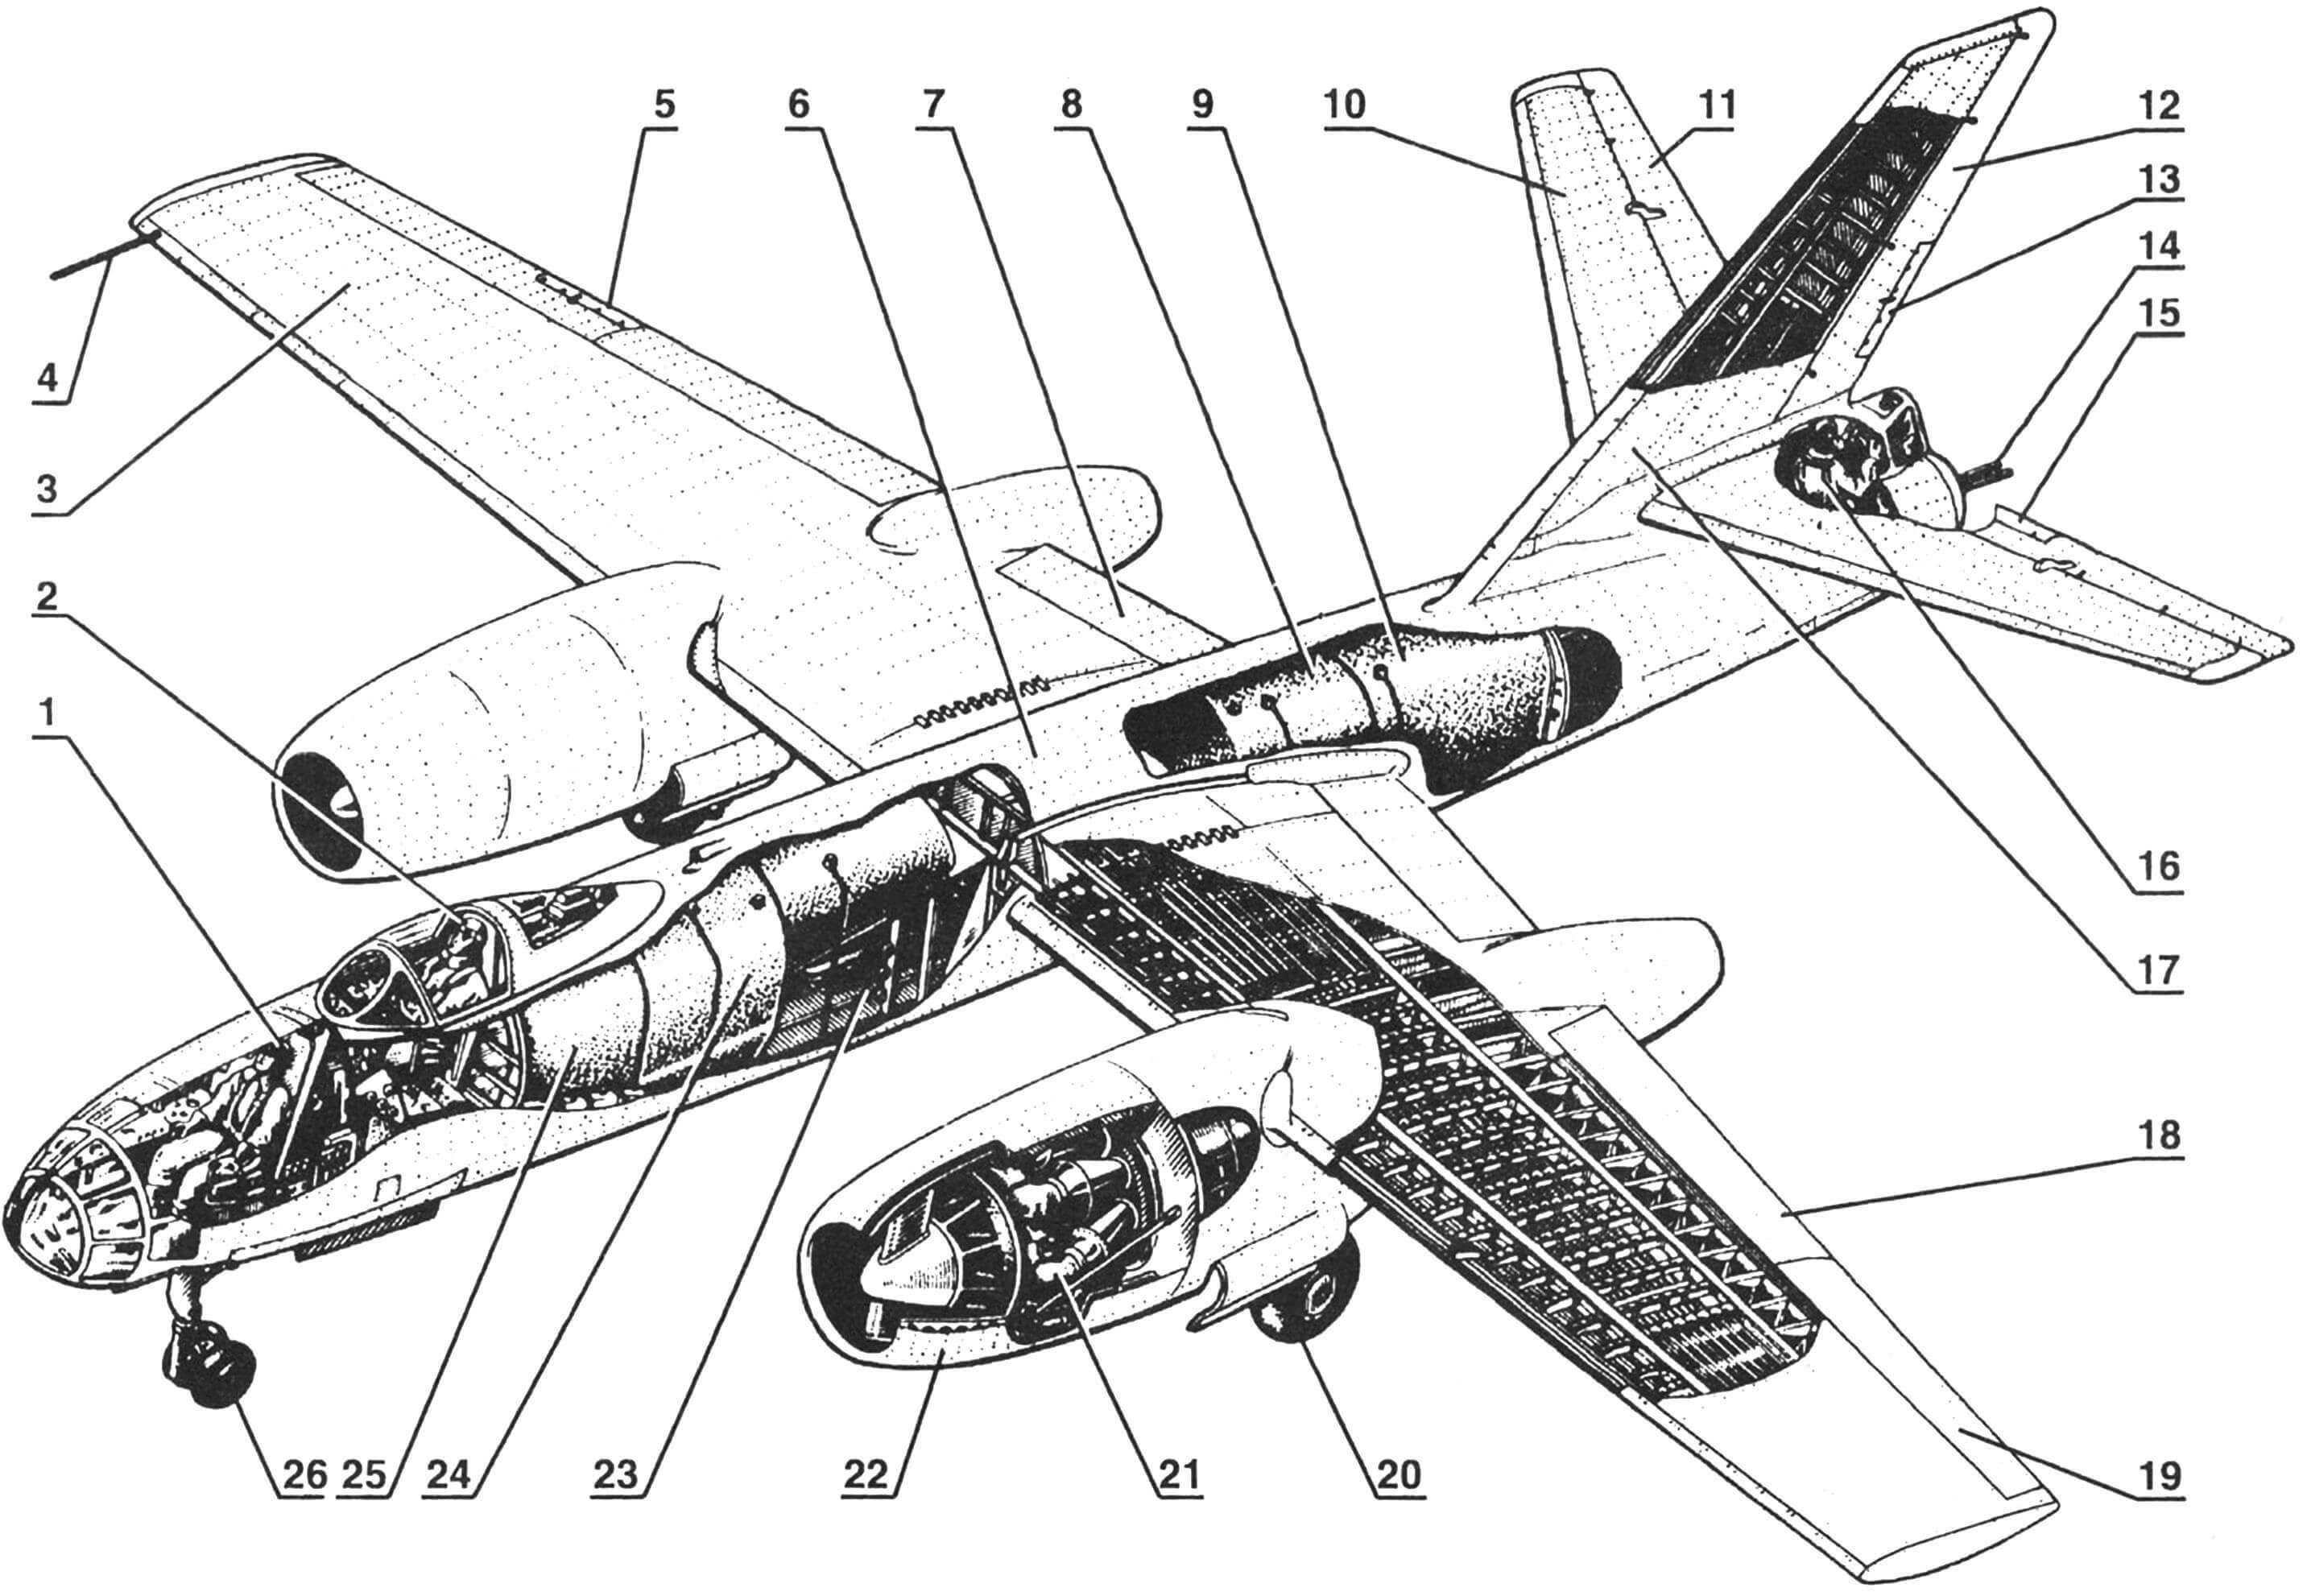 Компоновка фронтового реактивного бомбардировщика Ил-28